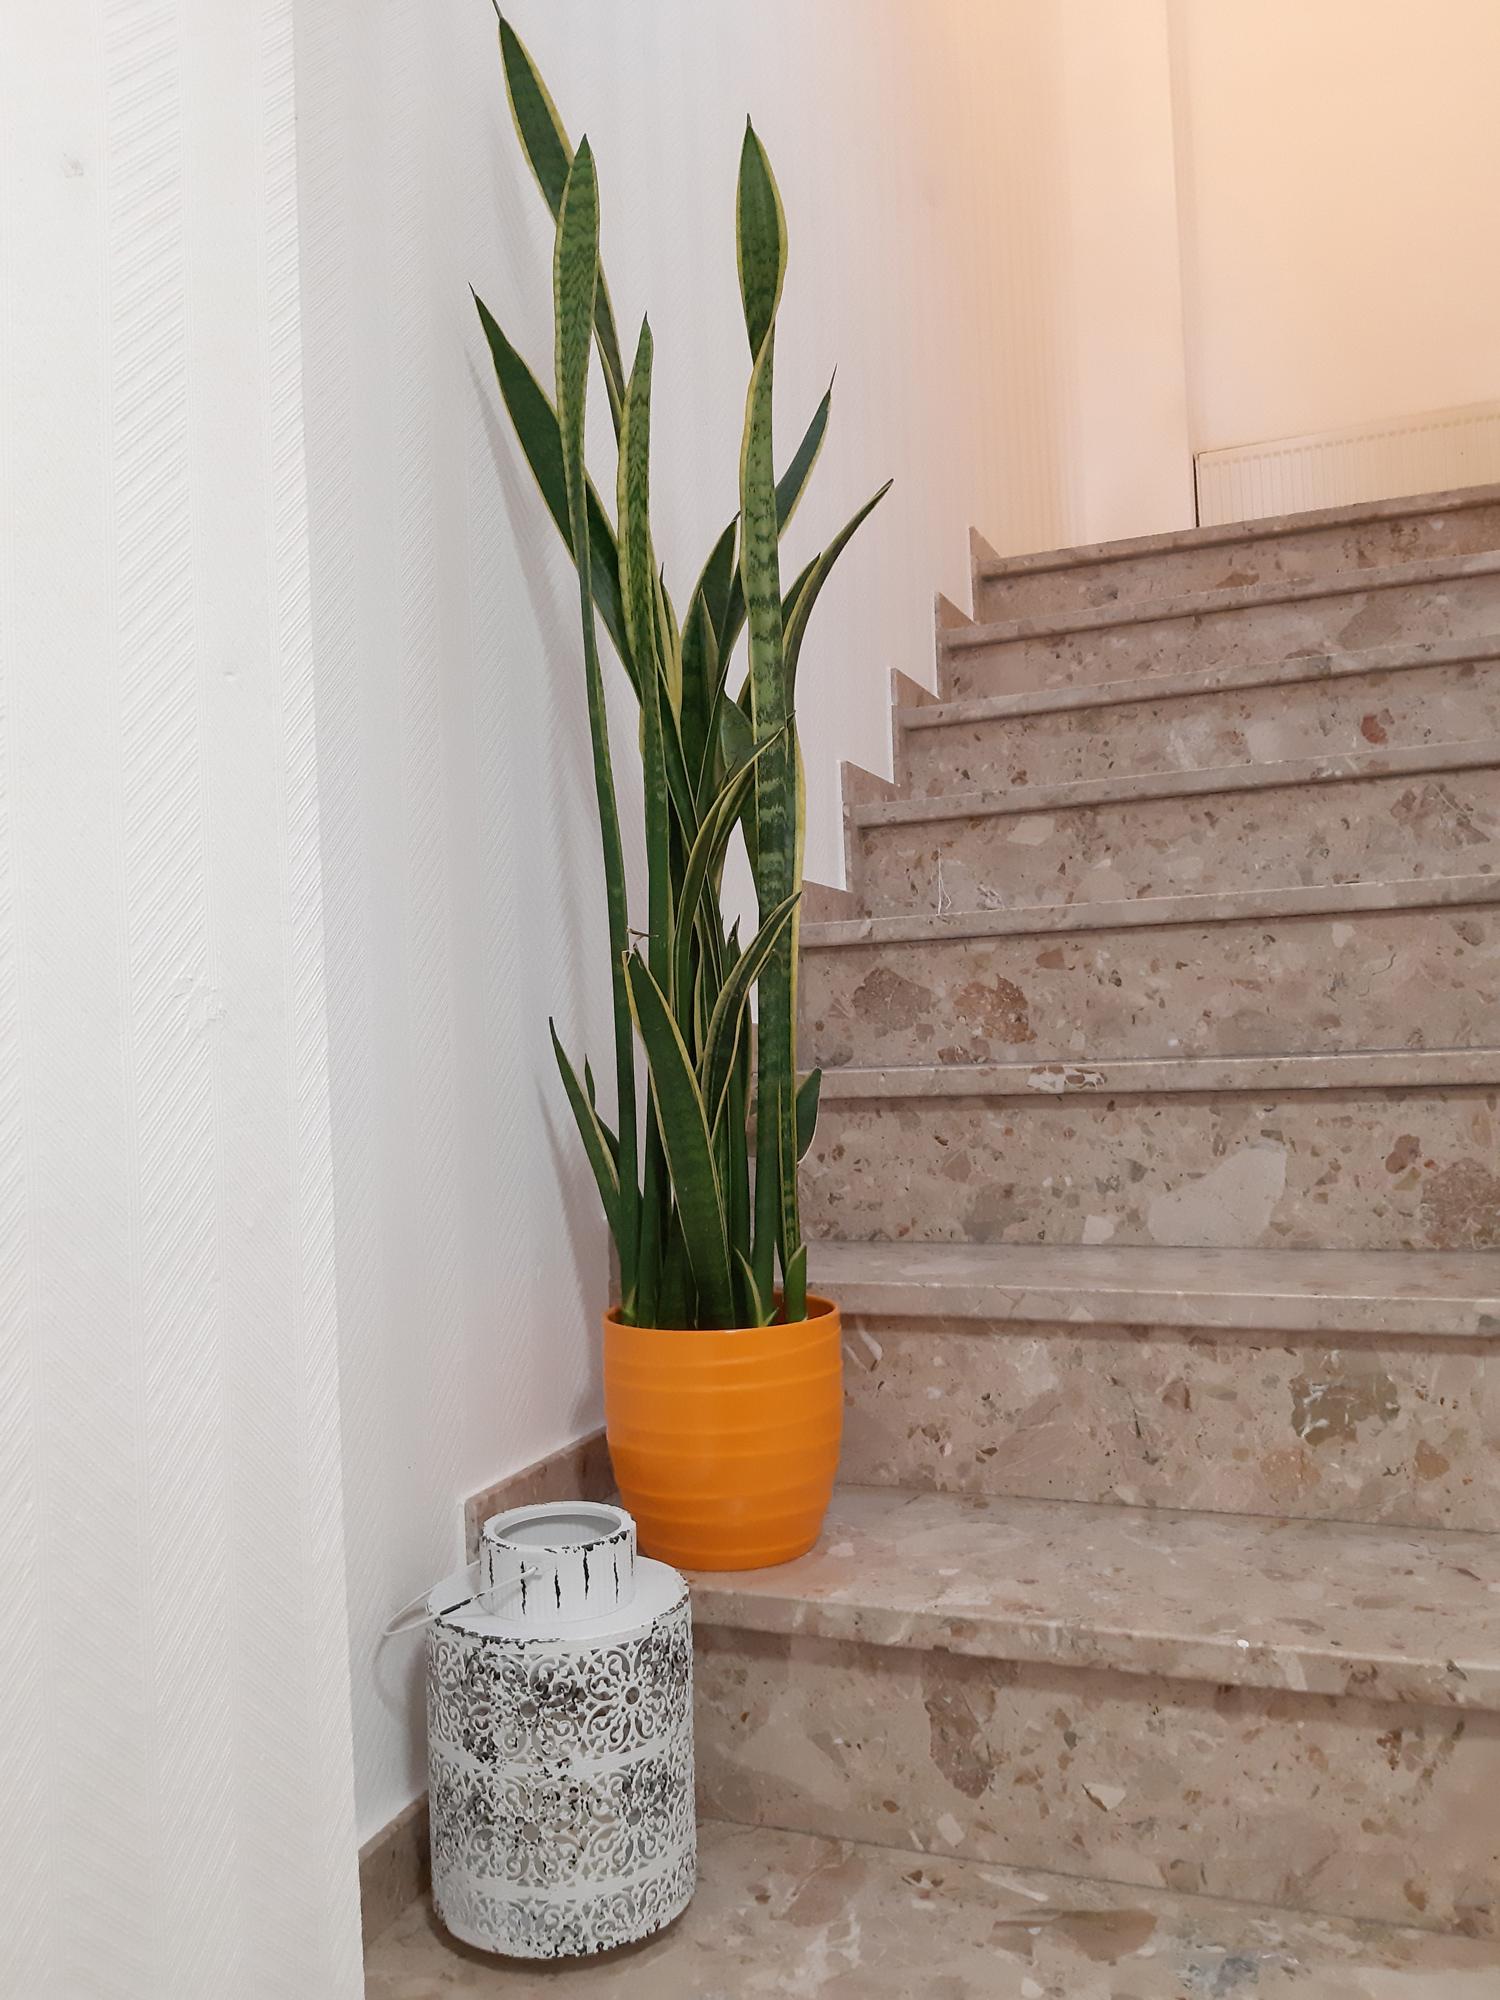 17-Bogenhanf-Treppe.jpg